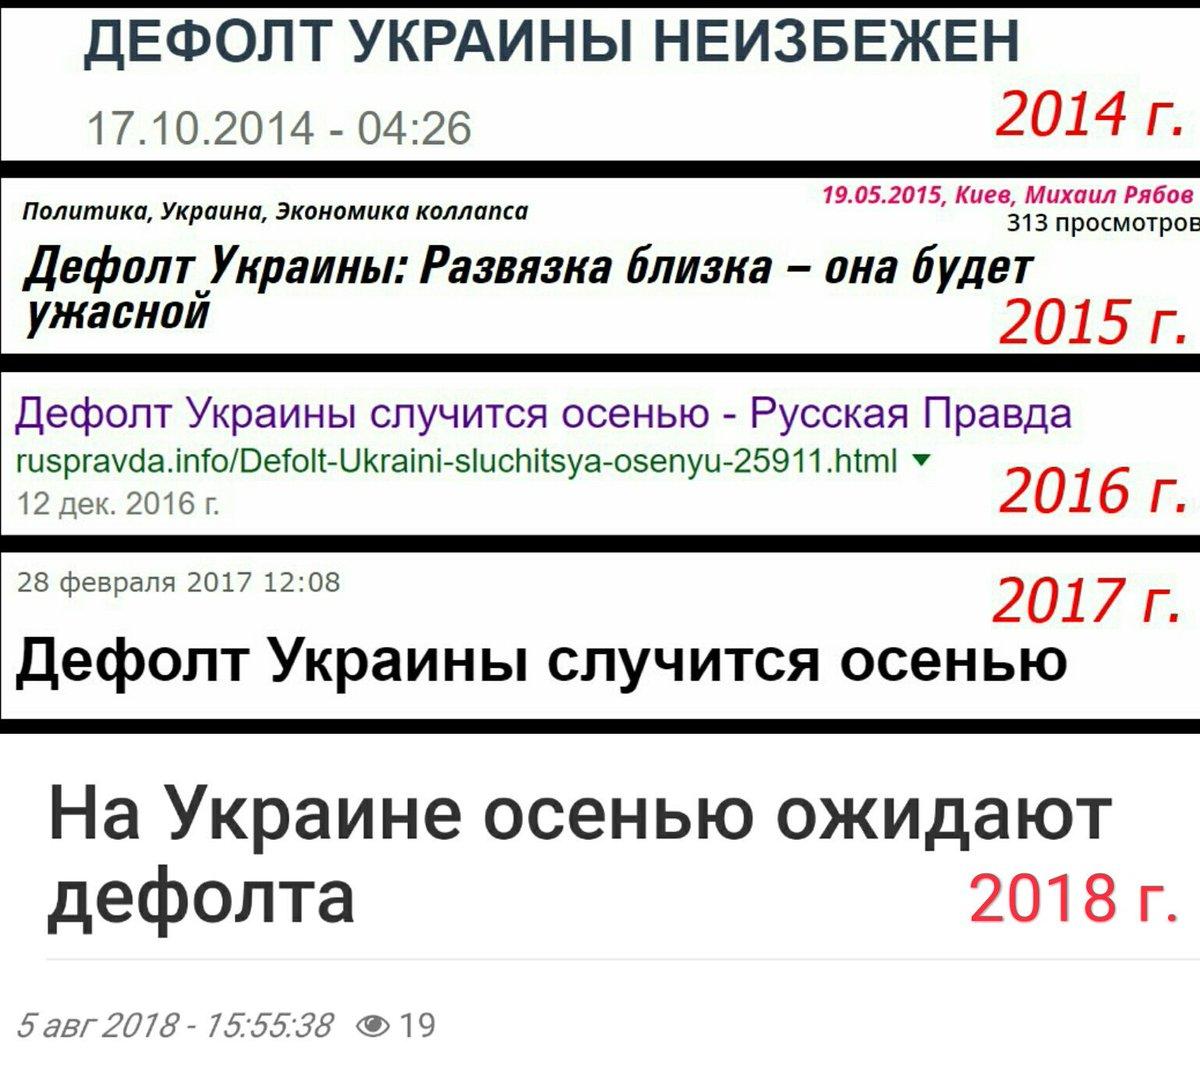 Уряд розглядає варіант закриття залізничного сполучення з Росією, - Омелян - Цензор.НЕТ 3689